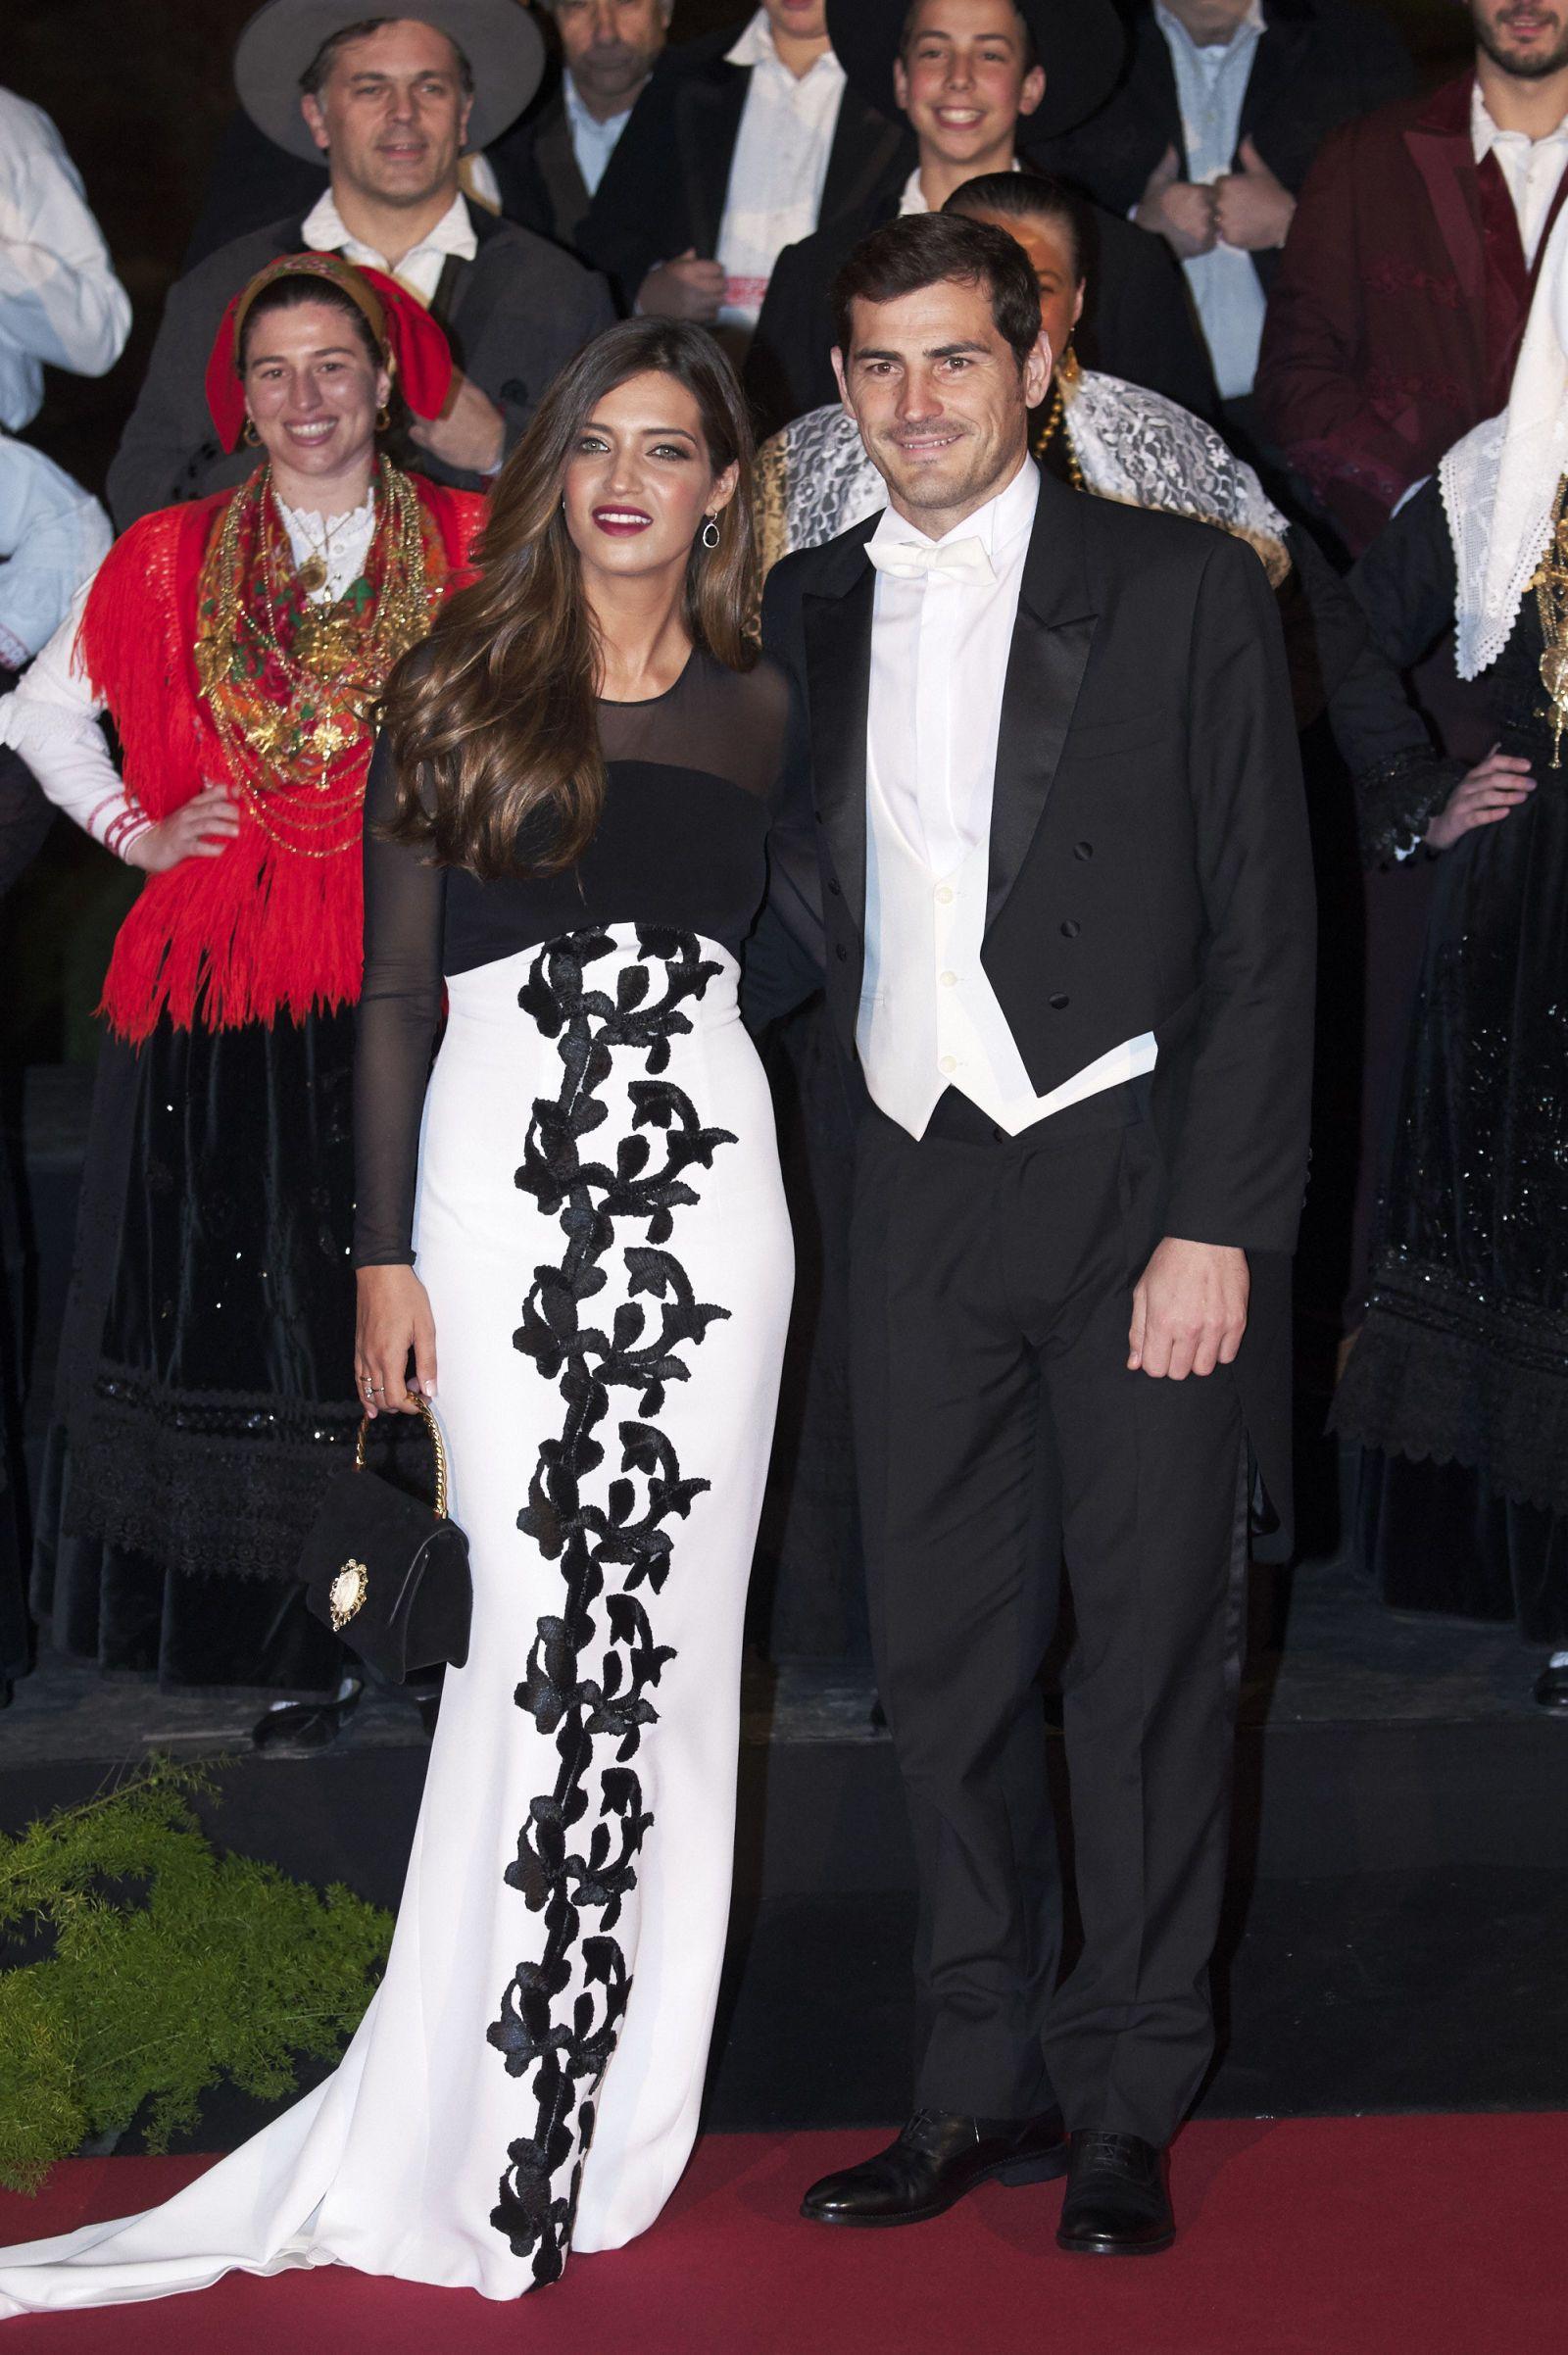 c69dd2ad460d Sara y Letizia, reinas de estilo | Style | Vestidos de noche ...